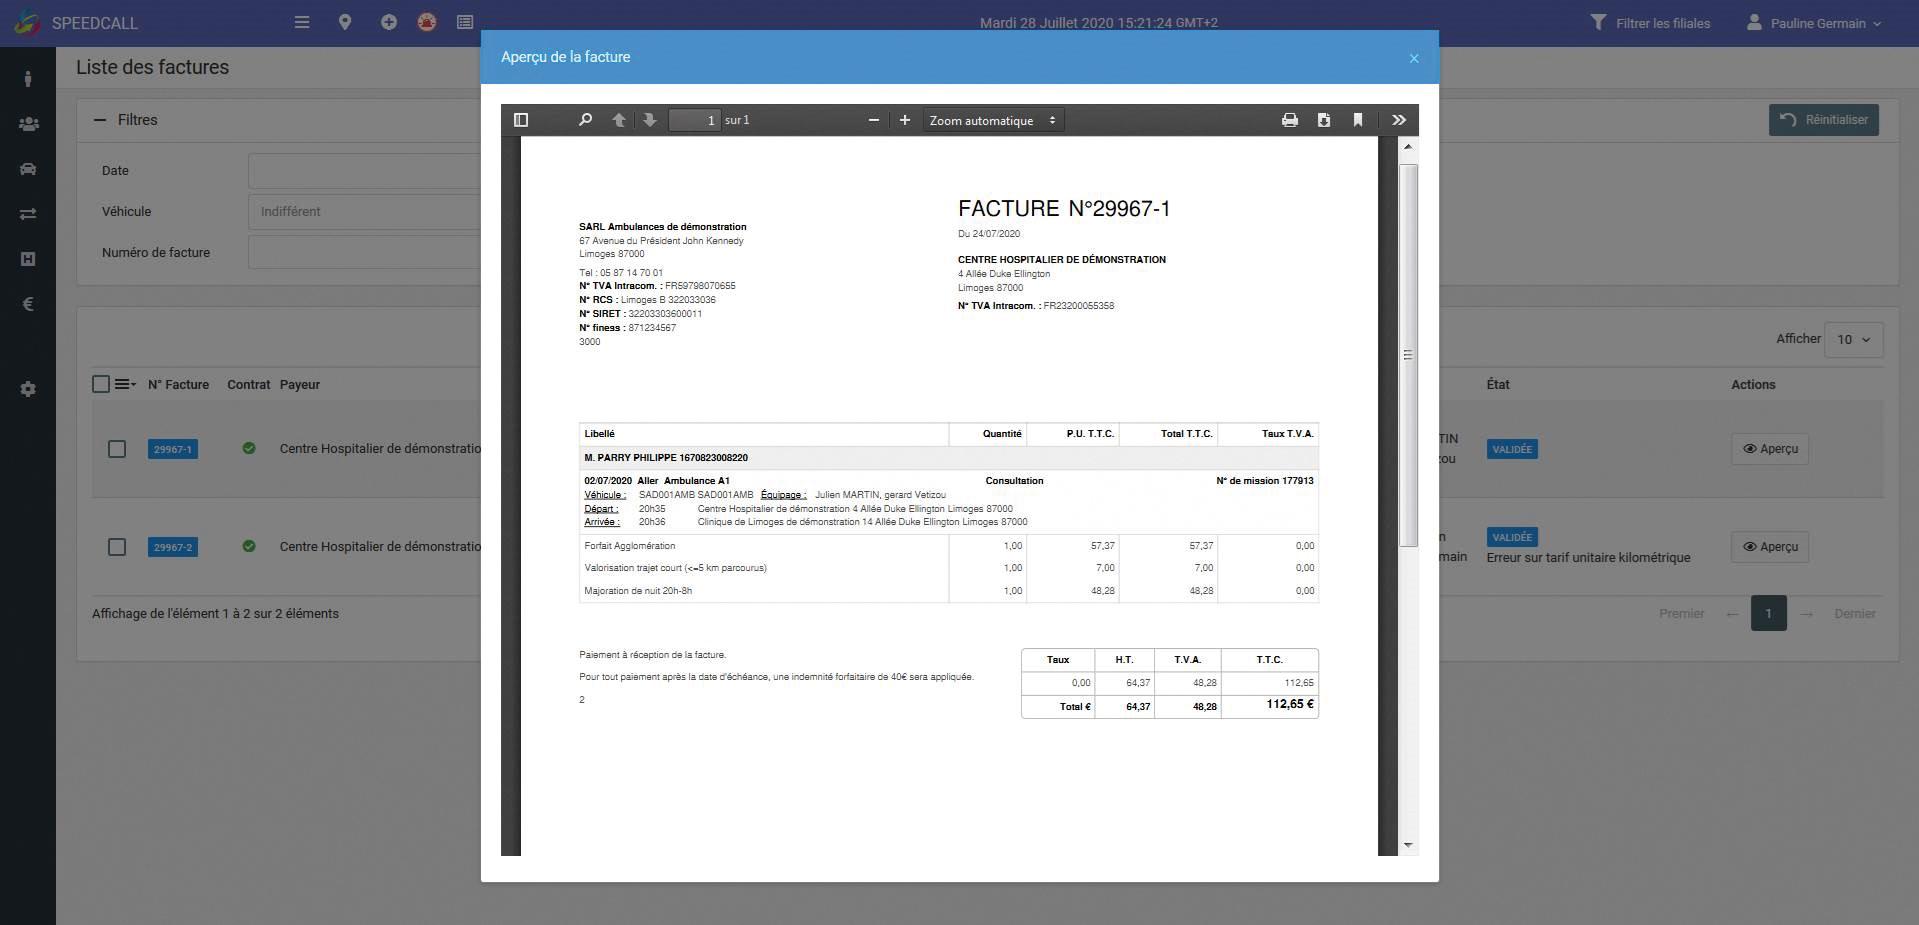 Exemple d'une facture dématérialisée de la plateforme SpeedCall (Les informations d'ordre privé présentes sur cette facture sont fictives.)